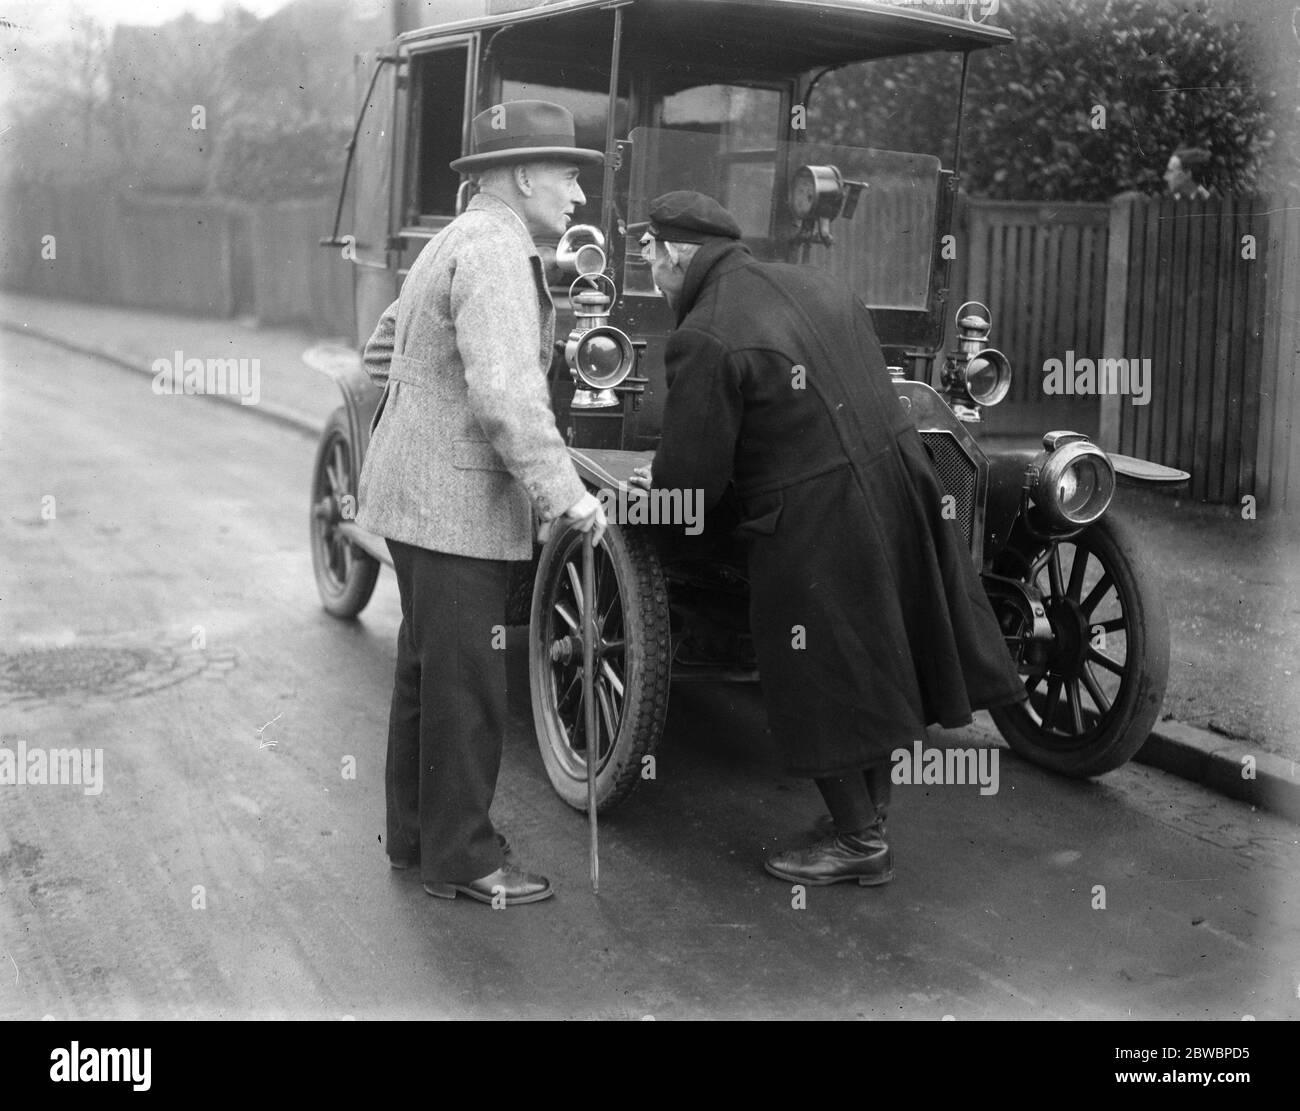 Labors champion de prélèvement sur capital à Leicester M. Pethick Lawrence , le candidat travailliste pour le démarchage de leicester 21 novembre 1923 Banque D'Images